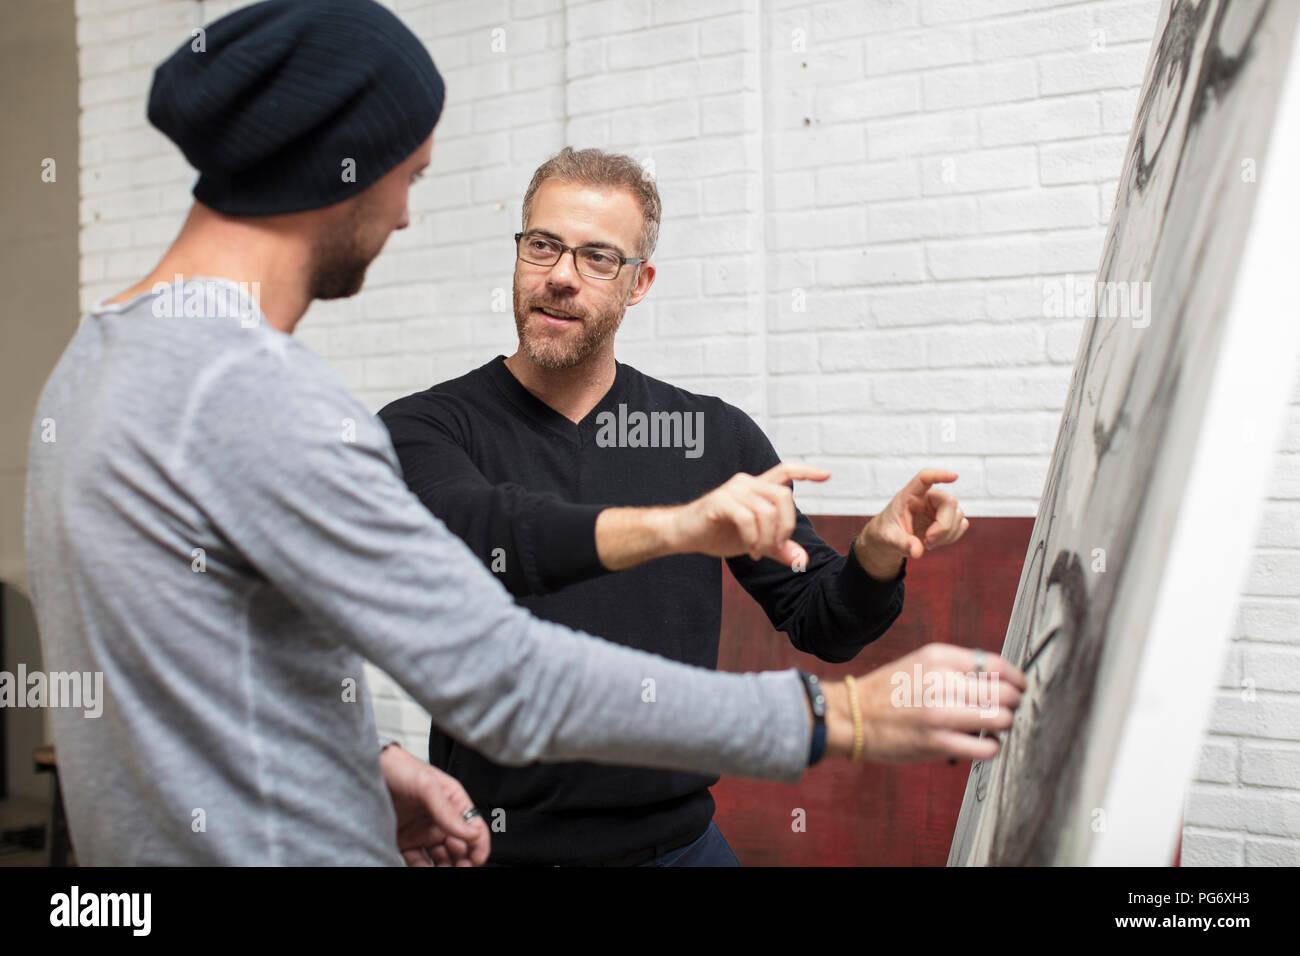 Hablando de dibujo del artista con el hombre en studio Imagen De Stock